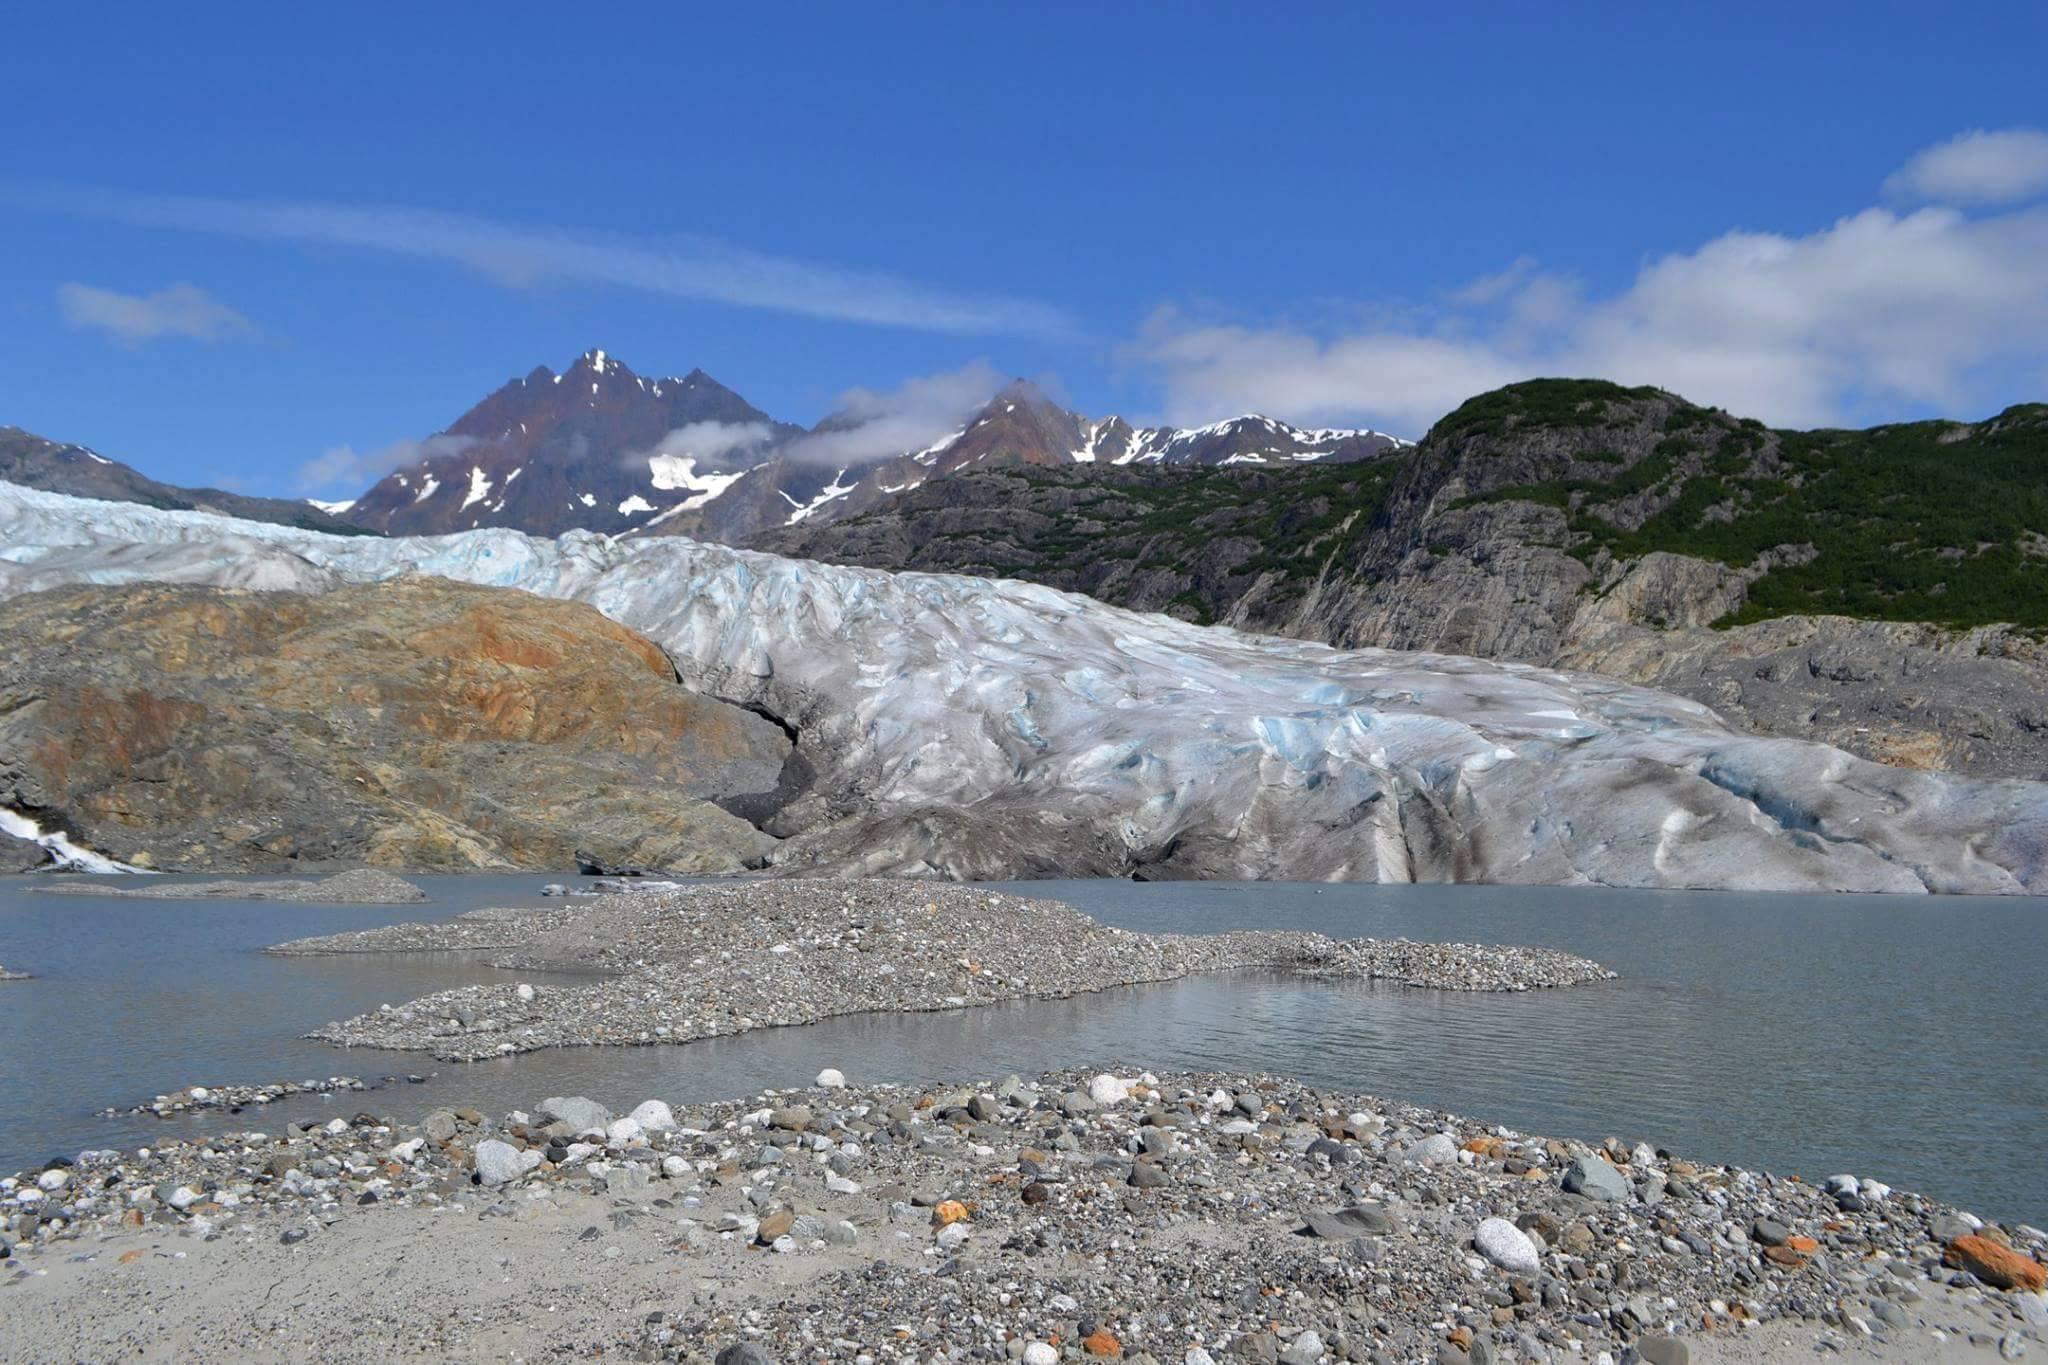 glacier-bay-2016-6